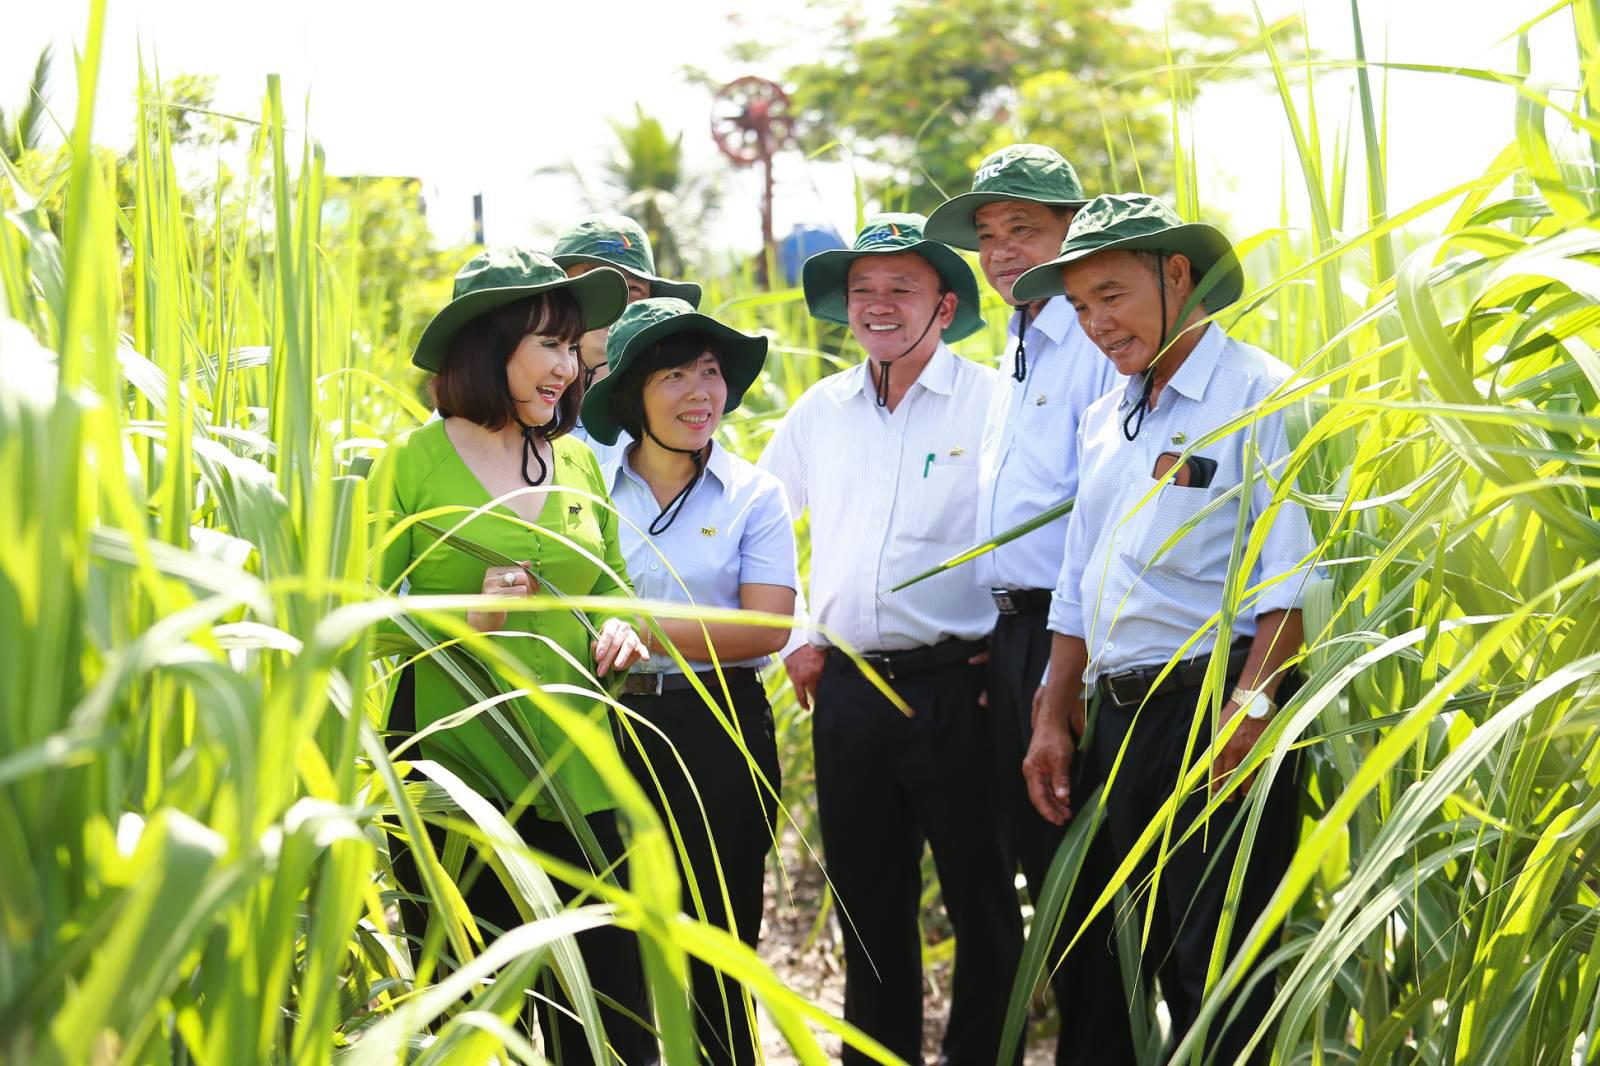 TTC Sugar thành lập Viện Nghiên cứu Ứng dụng Kỹ thuật Nông nghiệp TTC Attapeu - Ảnh 2.